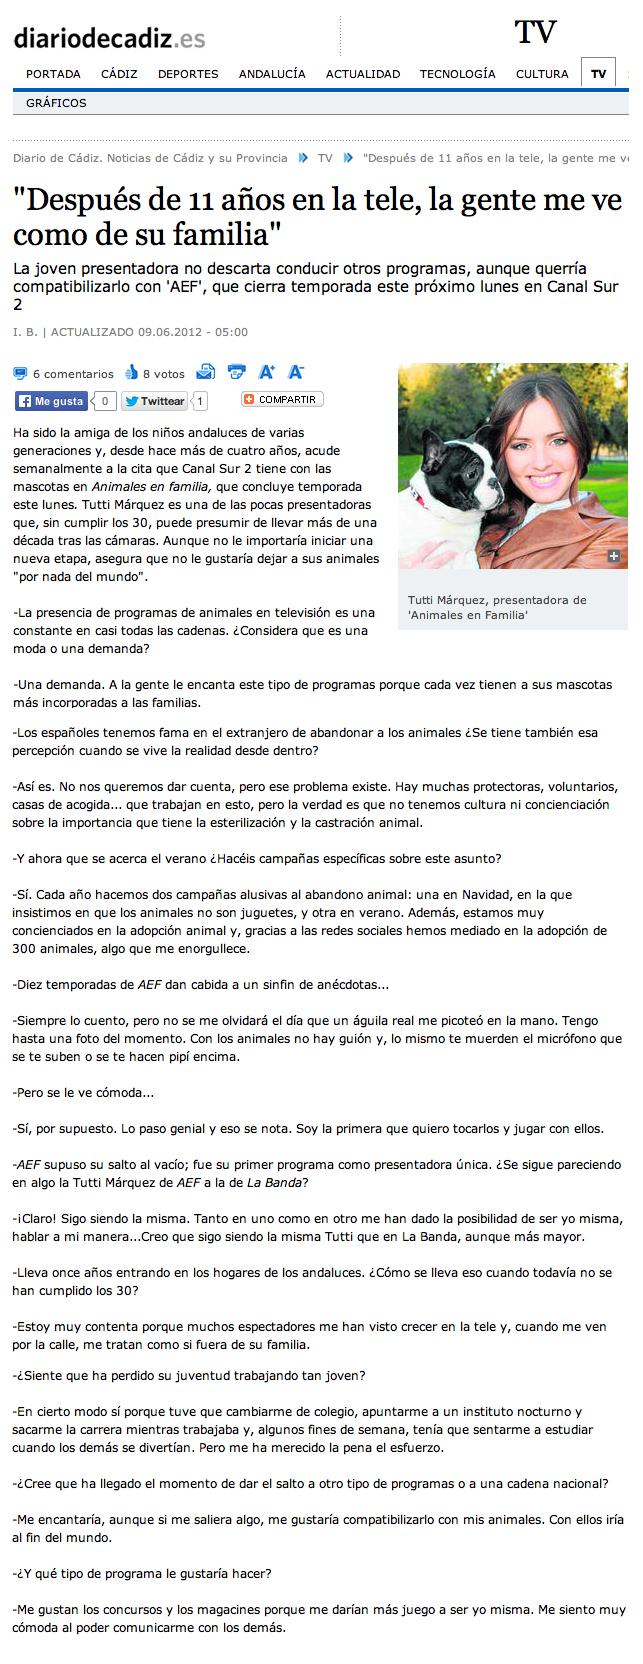 Diario De cadiz tutti marquez